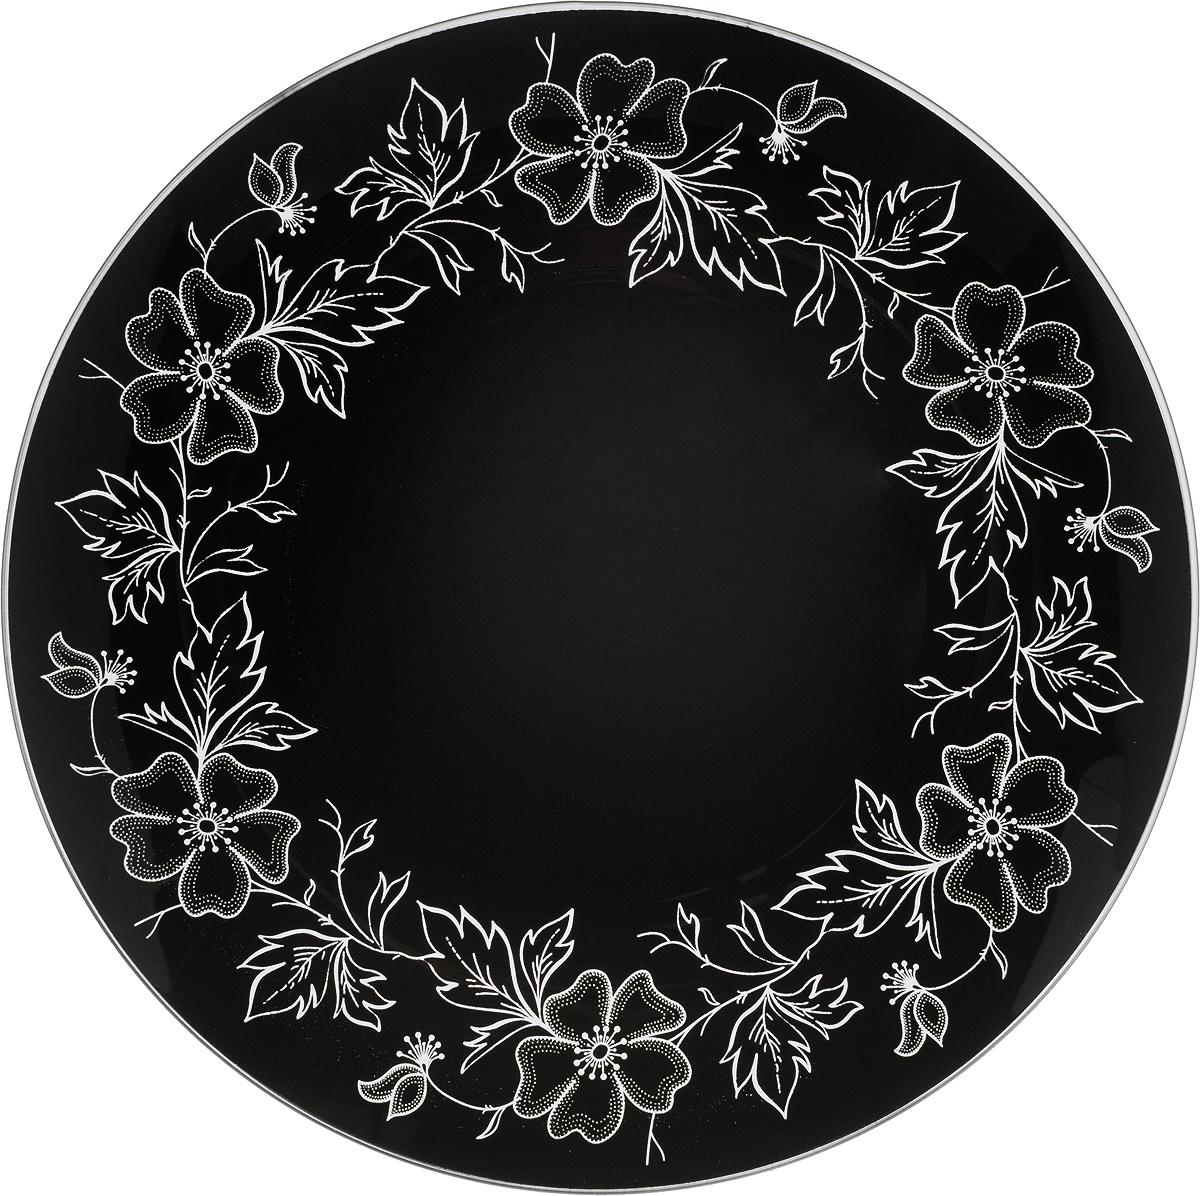 Тарелка NiNaGlass Лара, цвет: черный, диаметр 30 см54 009312Тарелка NiNaGlass Лара выполнена из высококачественного стекла и оформлена красивым цветочным узором. Тарелка идеальна для сервировки закусок, нарезок, салатов, овощей и фруктов. Она отлично подойдет как для повседневных, так и для торжественных случаев.Такая тарелка прекрасно впишется в интерьер вашей кухни и станет достойным дополнением к кухонному инвентарю.